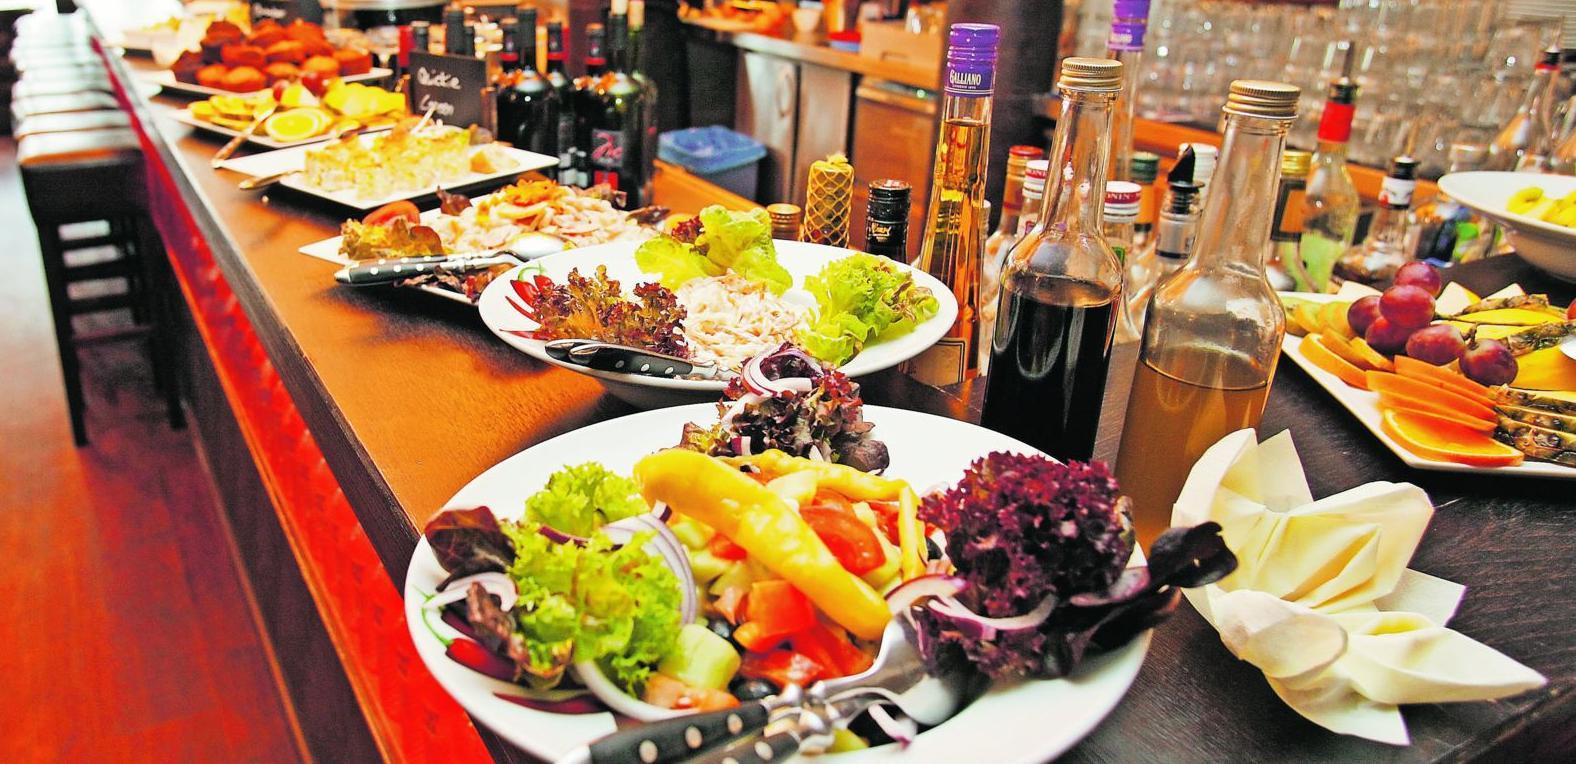 """Müsli, Brötchen und Bamberger, Salate und warme Speisen — und natürlich Rührei mit Krokodil: Das Frühstücksbuffet in der """"Australian Bar""""."""